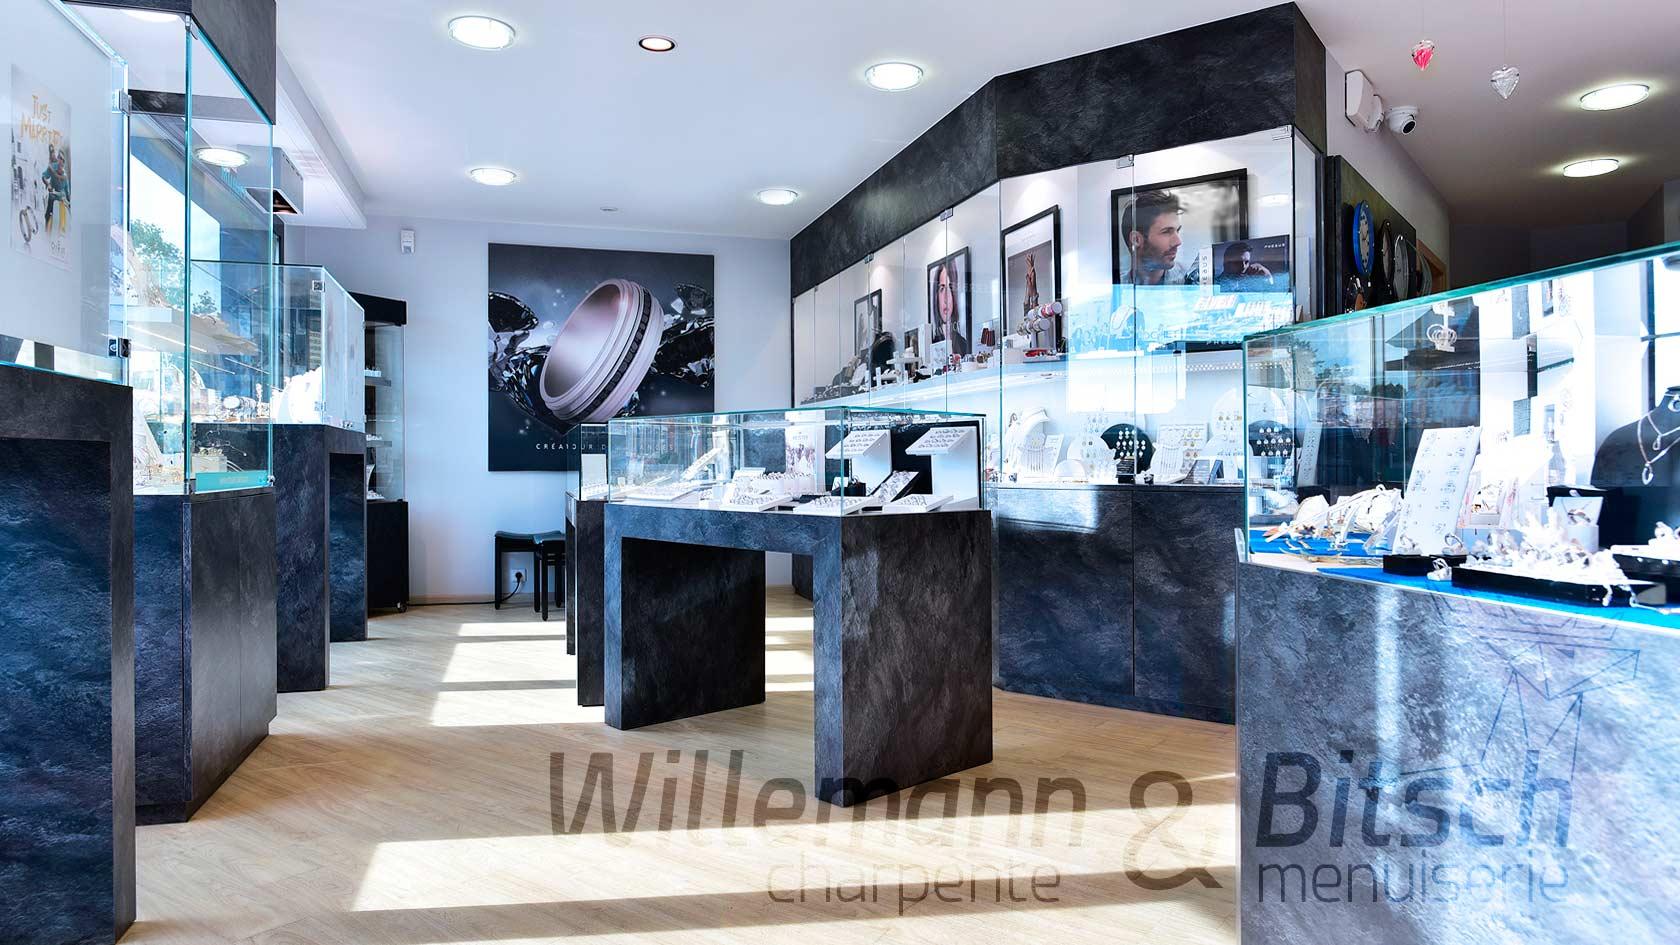 Bijouterie Herbrecht comptoirs magasin vente bois étals présentoirs alsace menuiserie Bitsch